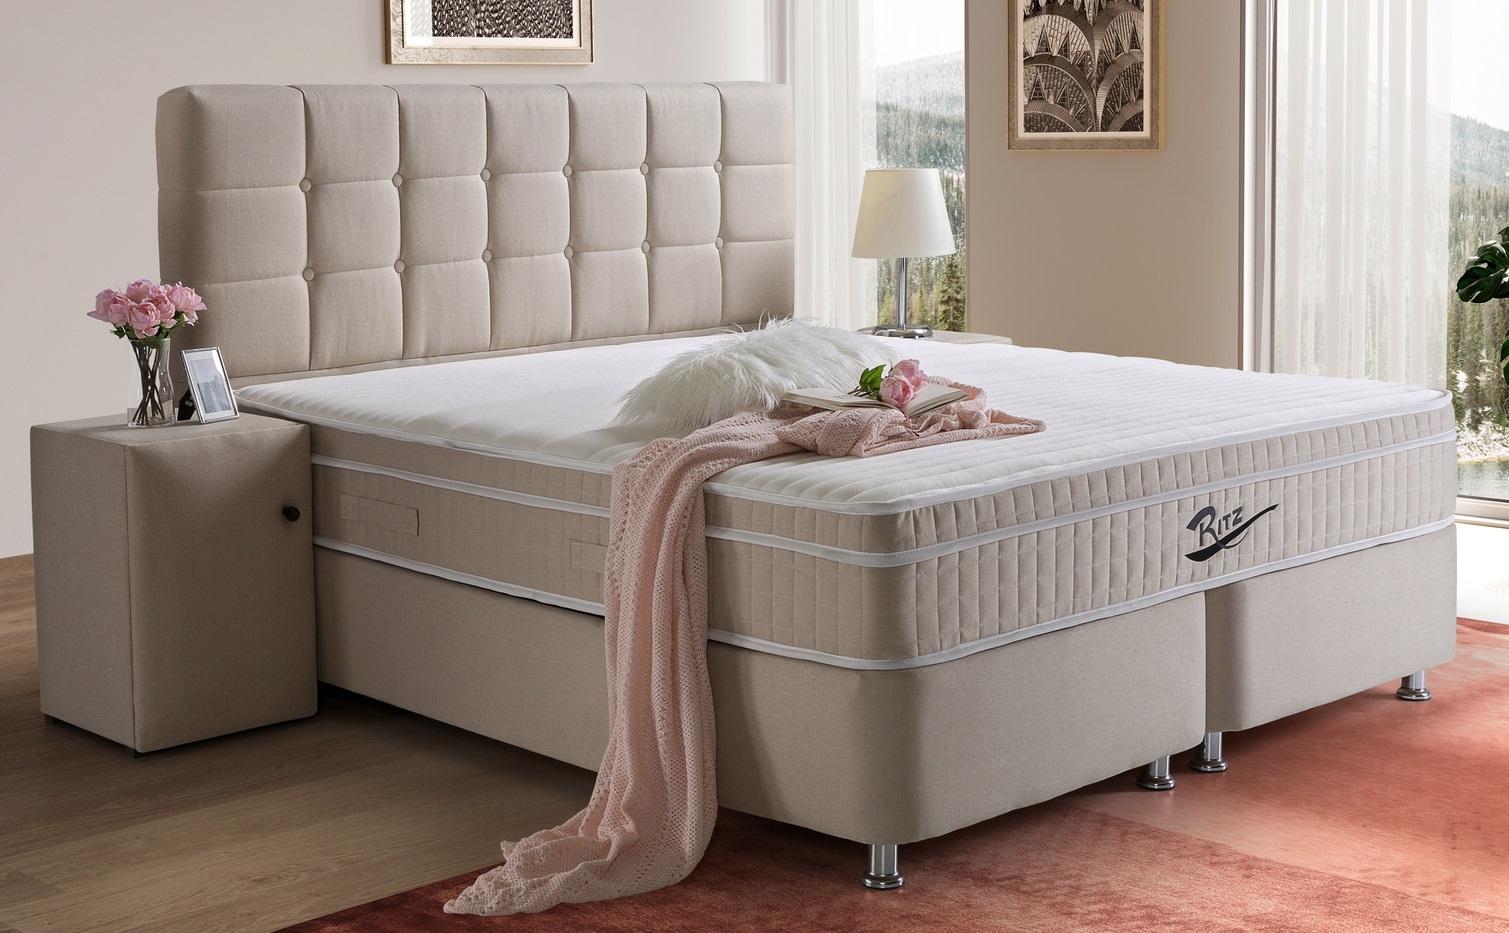 Opbergbed Ritz 140x200cm beige in 5 maten verkrijgbaar   IB Living